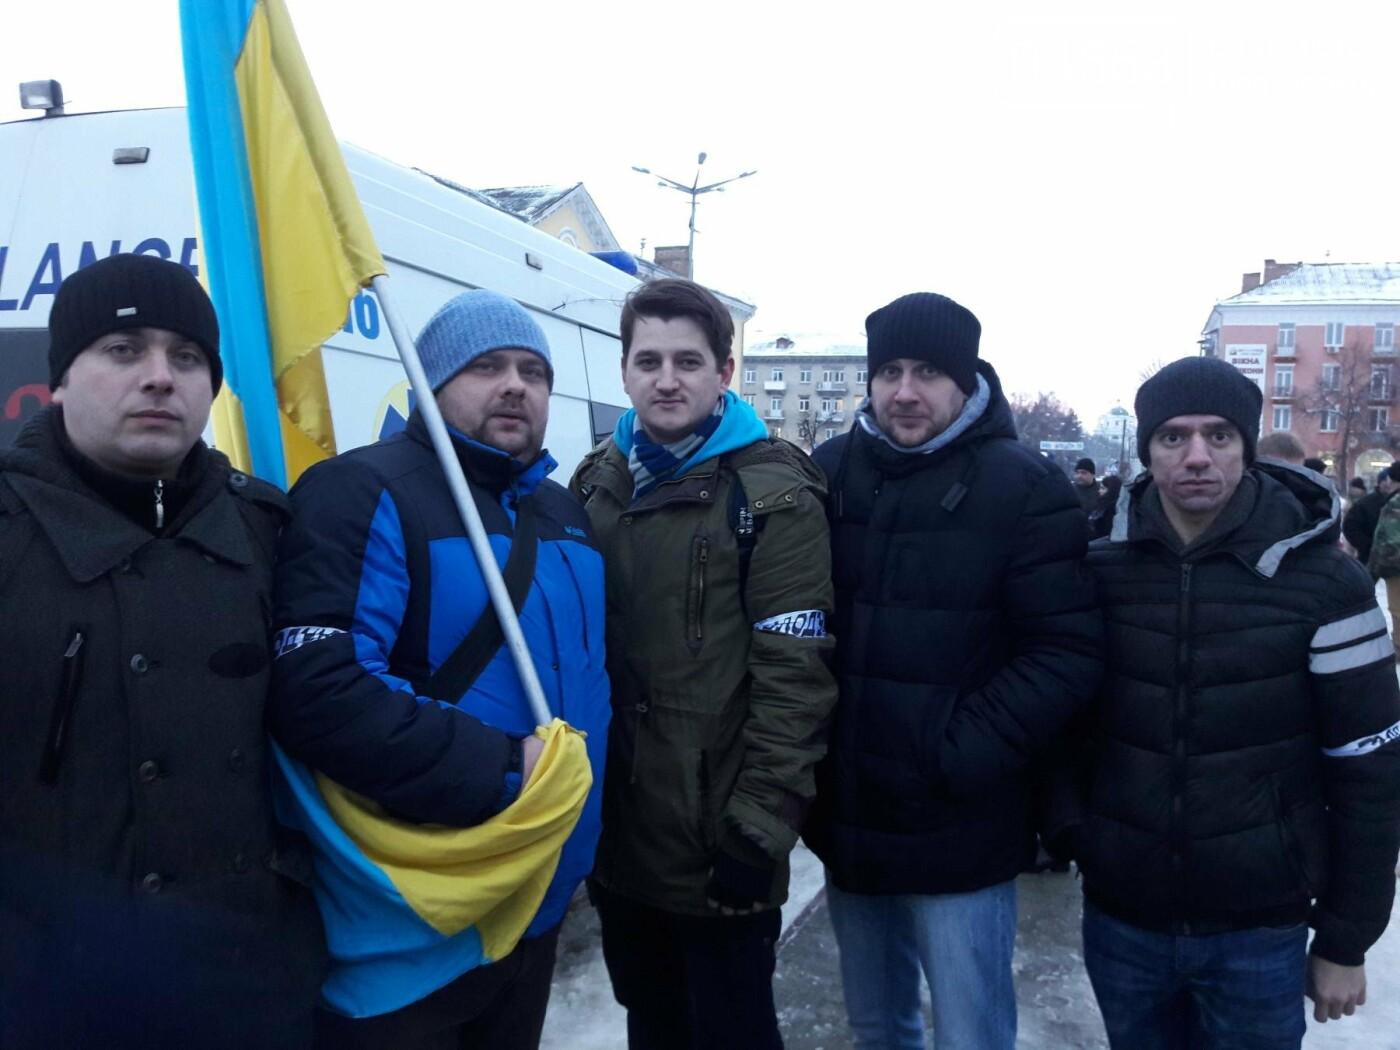 В Білій Церкві пройшов мітинг на підтримку театру Саксаганського, фото-1